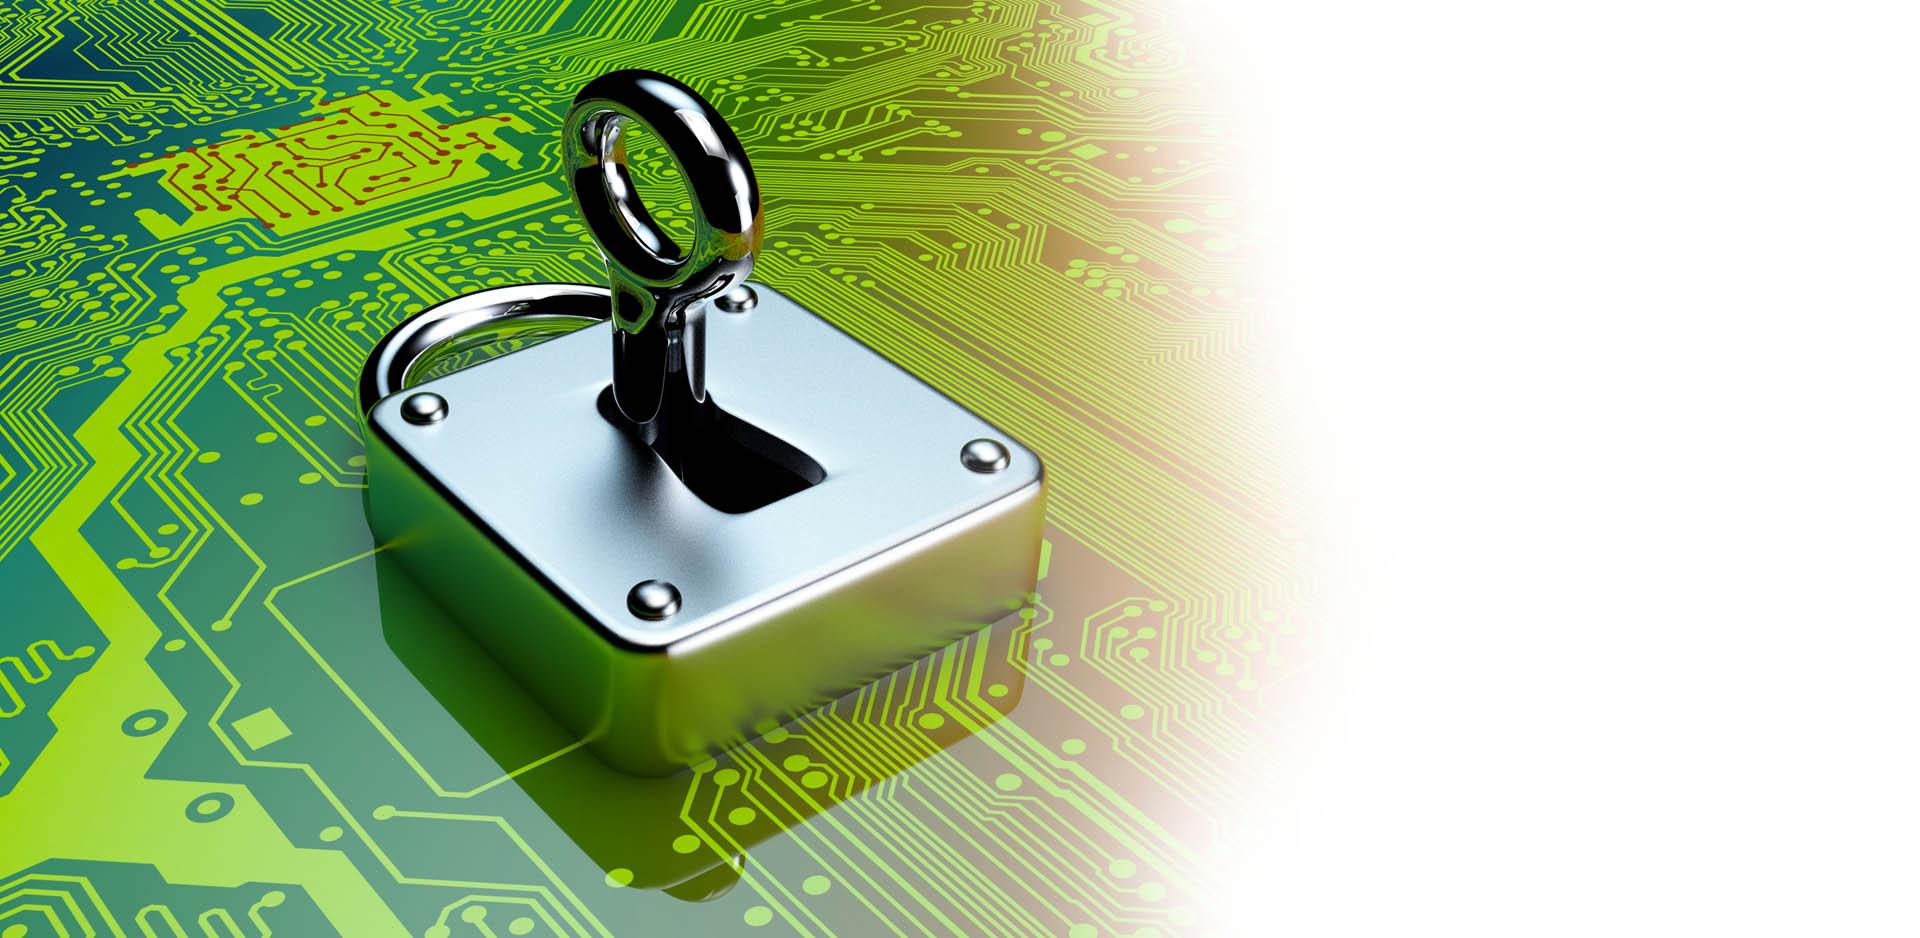 Танай байгууллагын мэдээллийн аюулгүй байдал найдвартай байж чадаж байна уу?